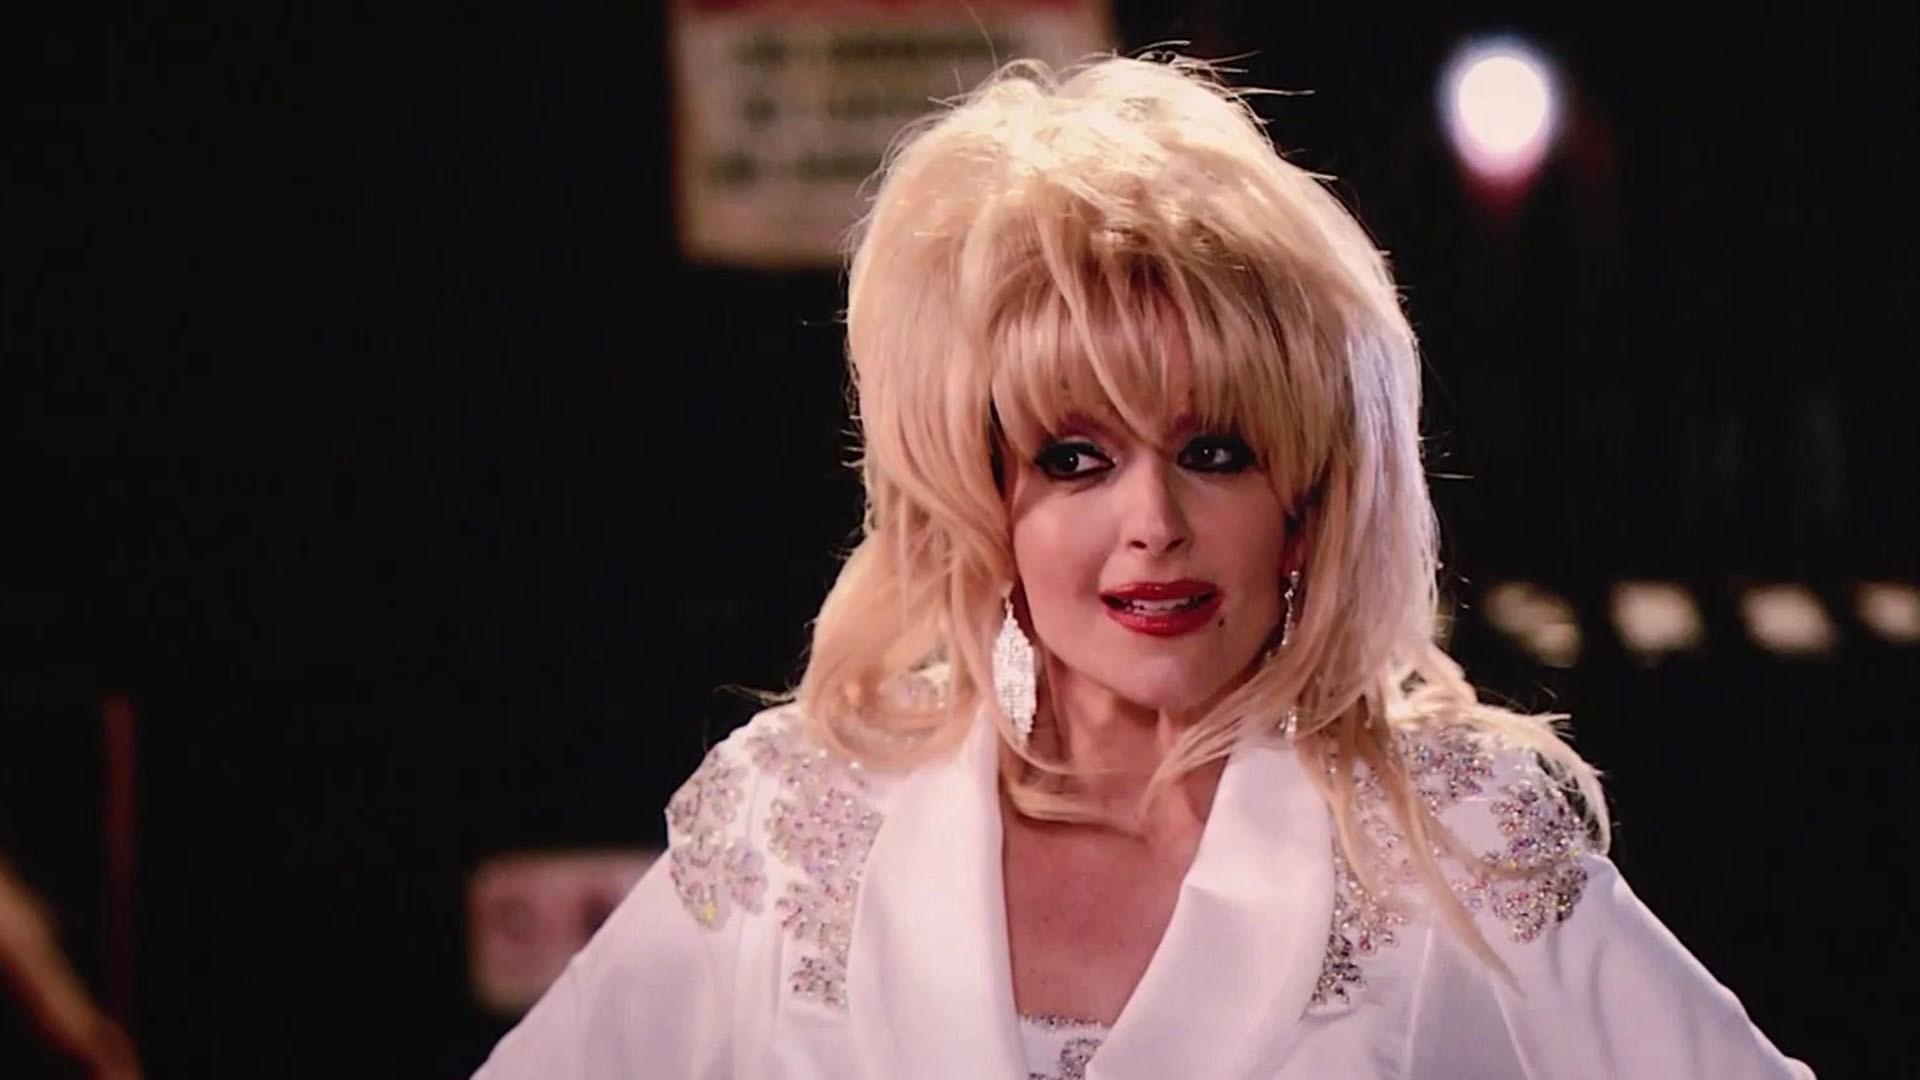 Cena da série Girls5eva. Em um ambiente interno, no centro da cena Tina Fey está caracterizada a fim de representar Dolly Parton. Ela é uma mulher branca de cabelos loiros, está com uma maquiagem escura e um batom vermelho, e na imagem só é possível vê-la do peito ao topo da cabeça. O fundo da imagem é escuro e desfocado.